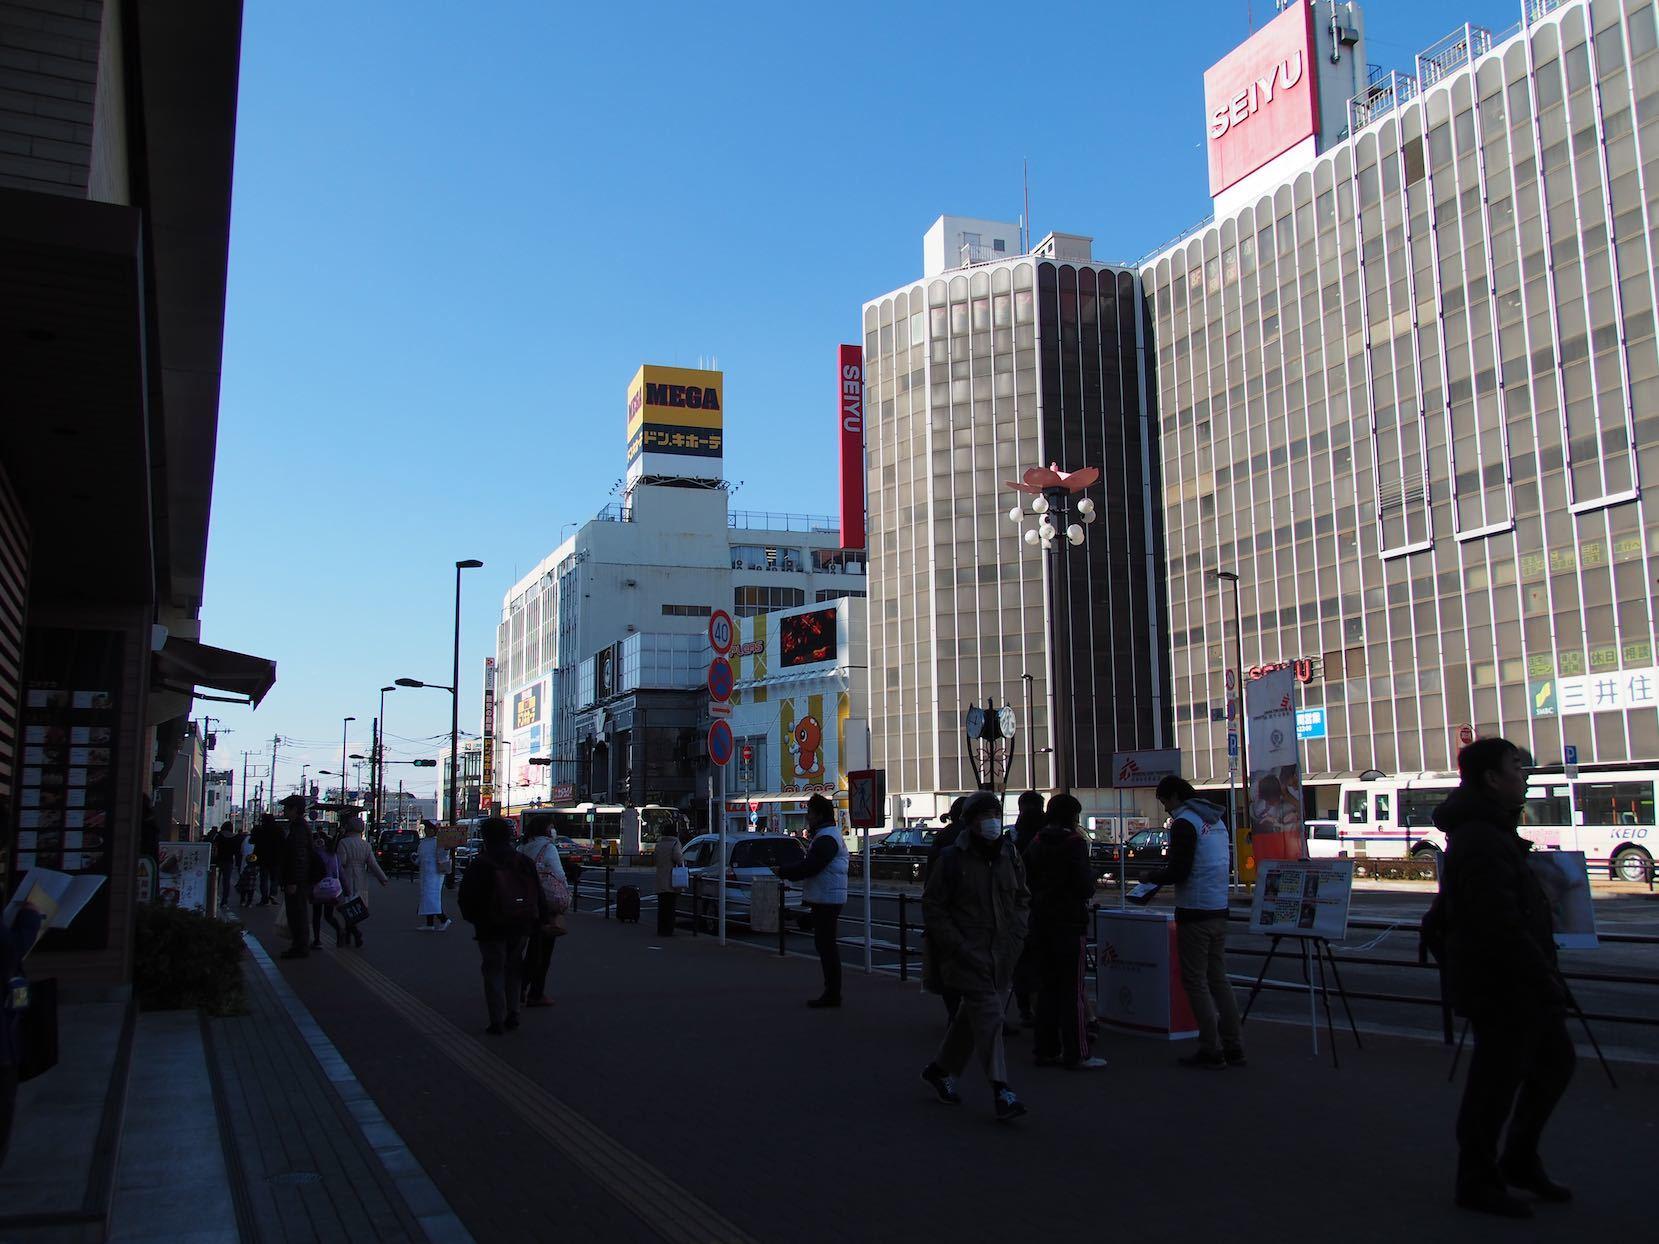 武蔵小金井駅周辺1_b0360240_20040142.jpg